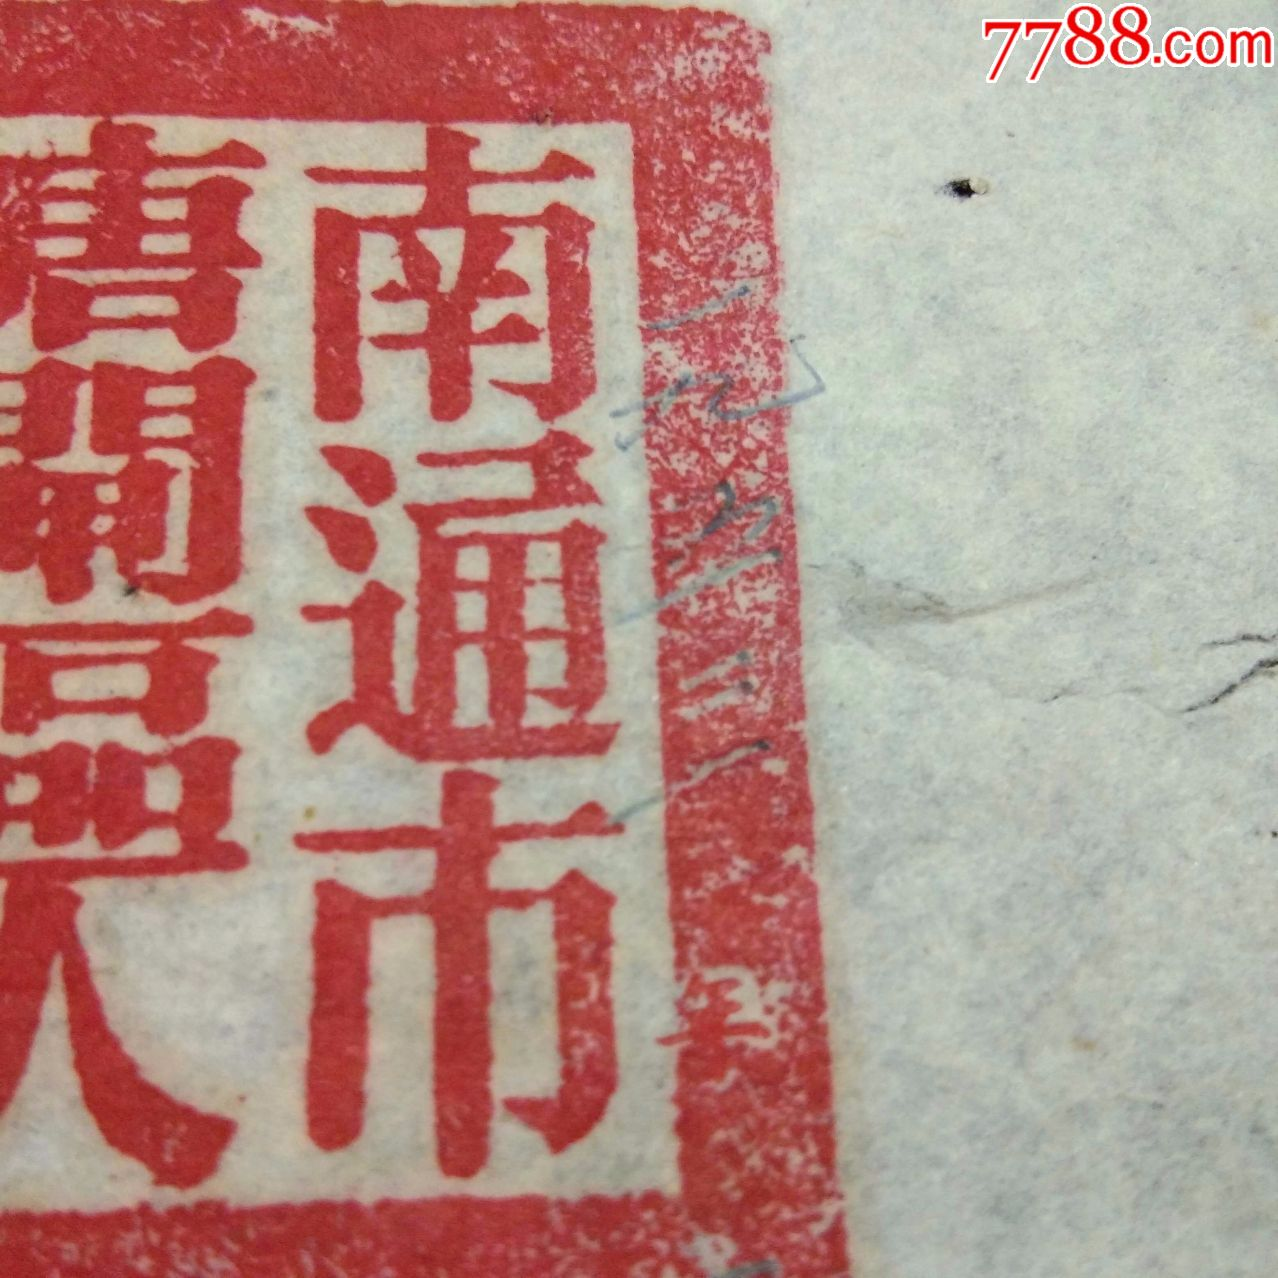 建国初期证明书:南通市唐闸区人民政府--南通医院(区长钤名)